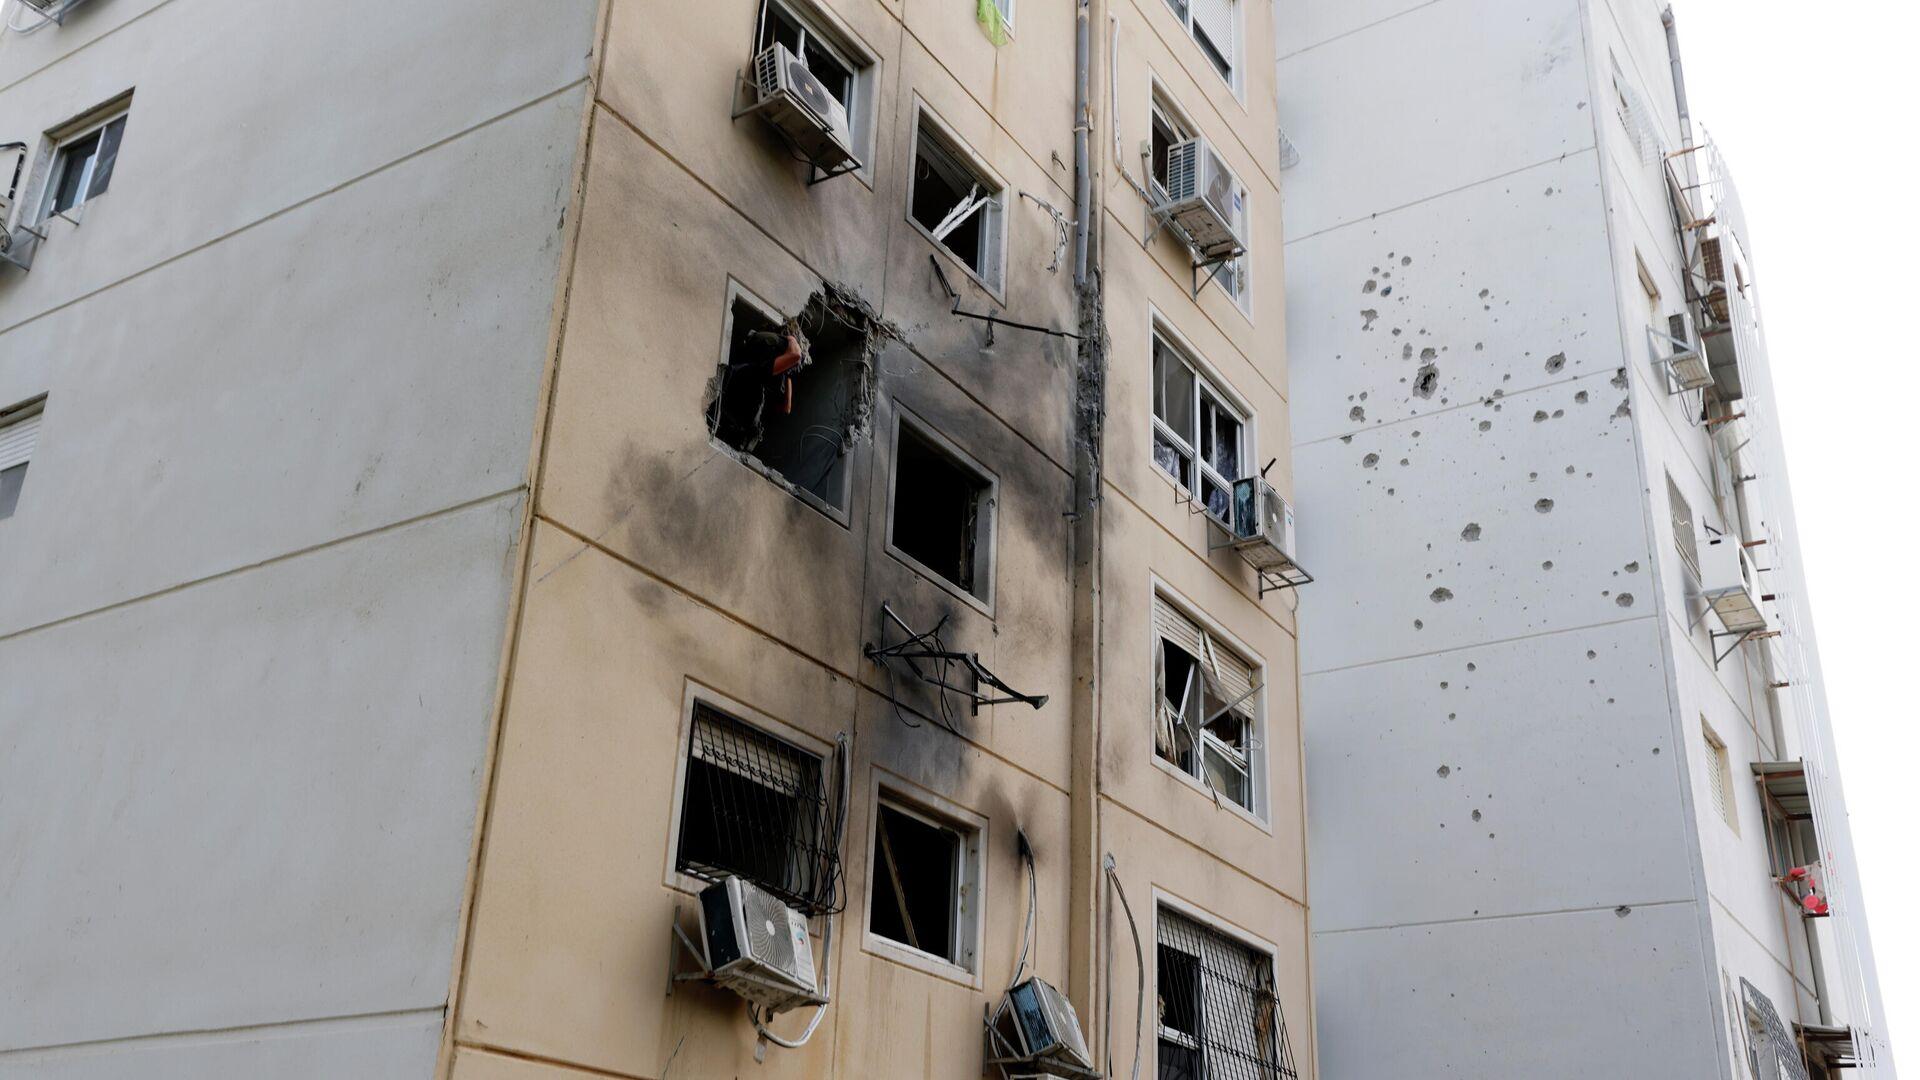 Un edificio en Ashkelon tras el impacto de un misil lanzado desde la Franja de Gaza - Sputnik Mundo, 1920, 11.05.2021